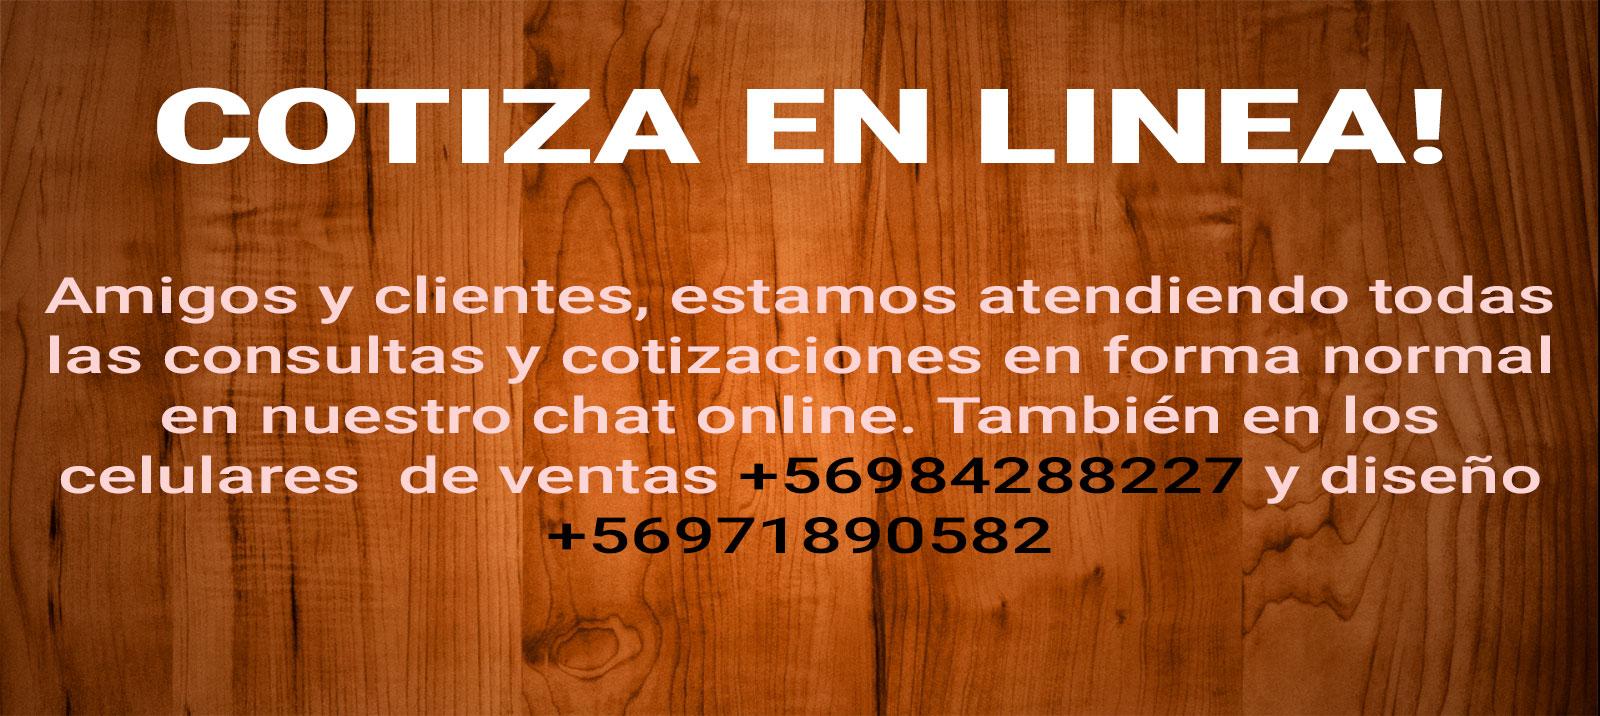 en-linea_1